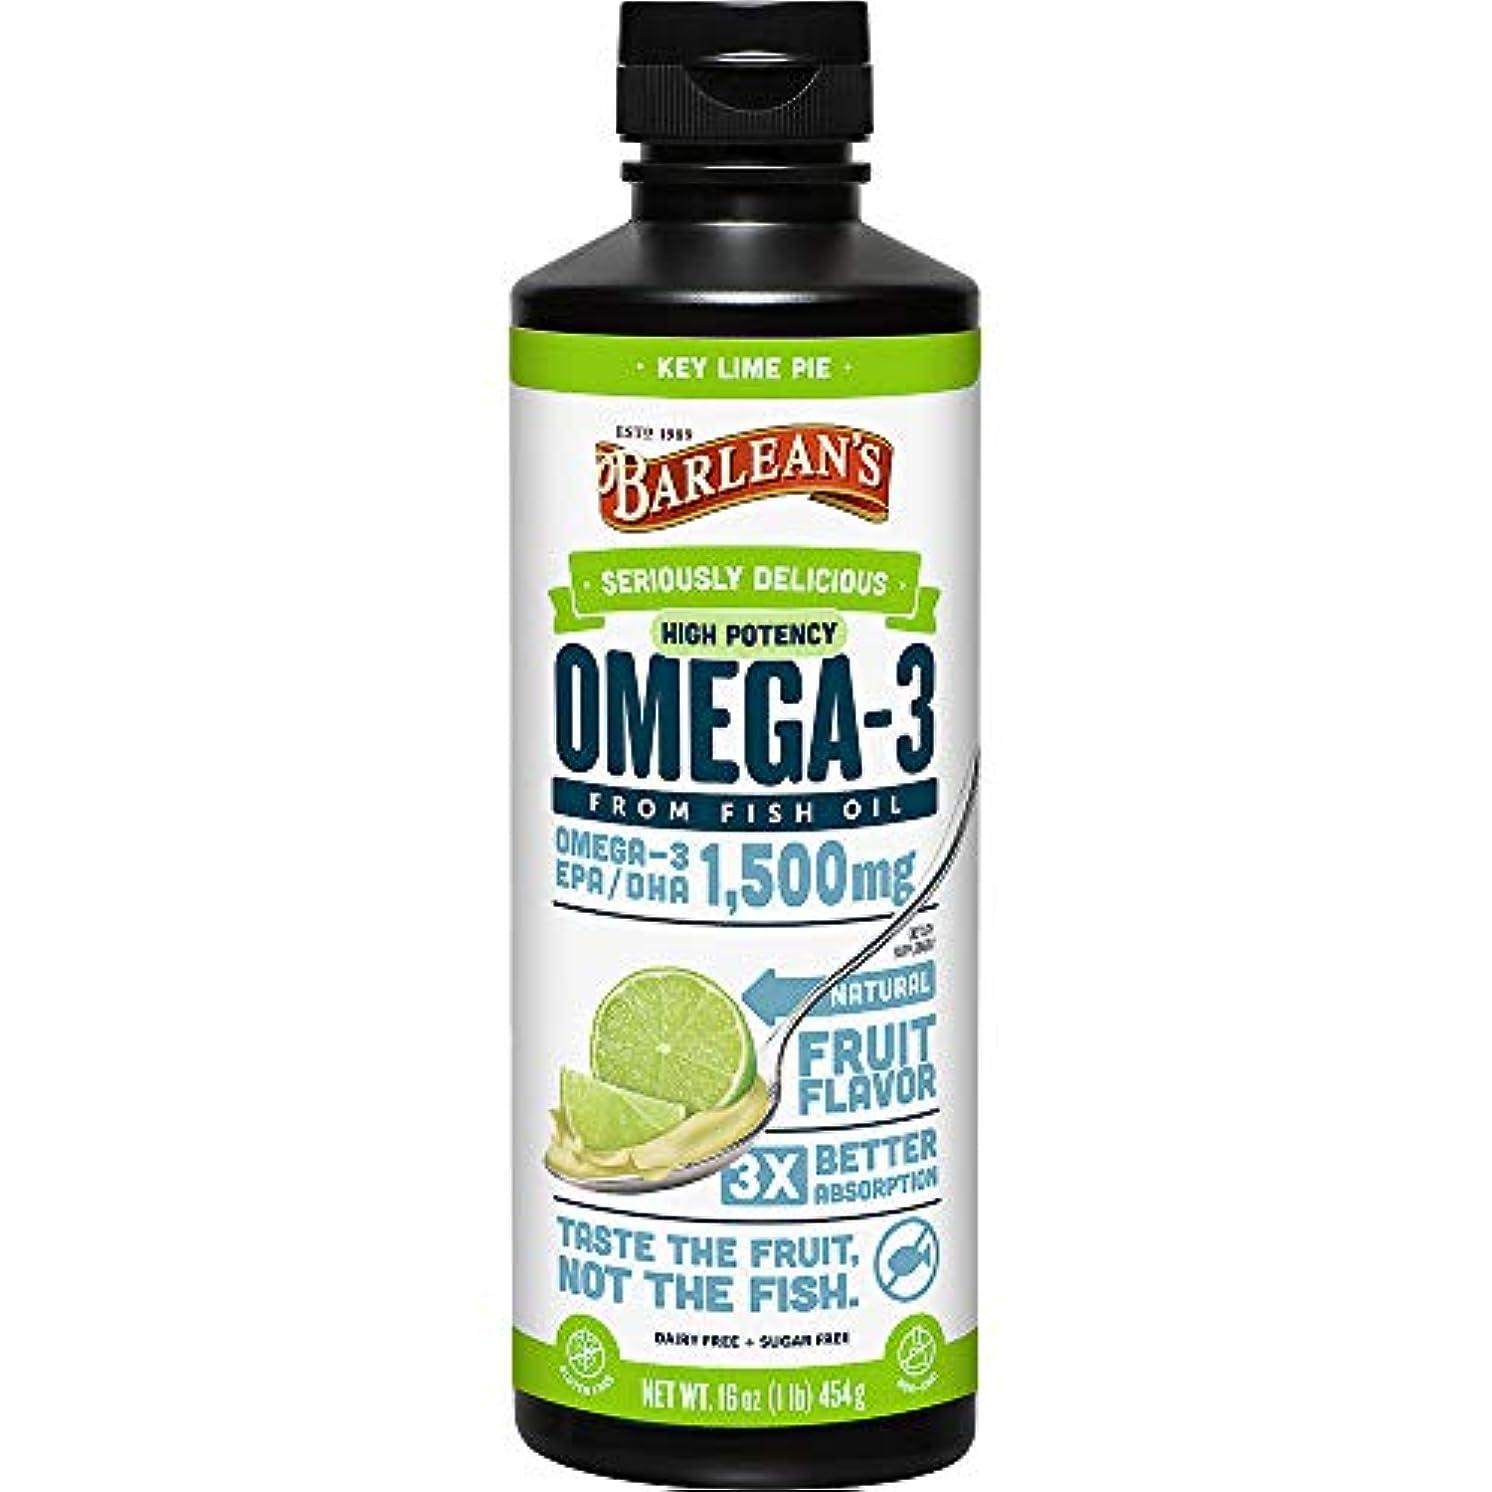 マークされた花嫁に話すBarlean's - Omegaの渦巻の魚オイルの超高い潜在的能力Key石灰 1500 mg。16ポンド